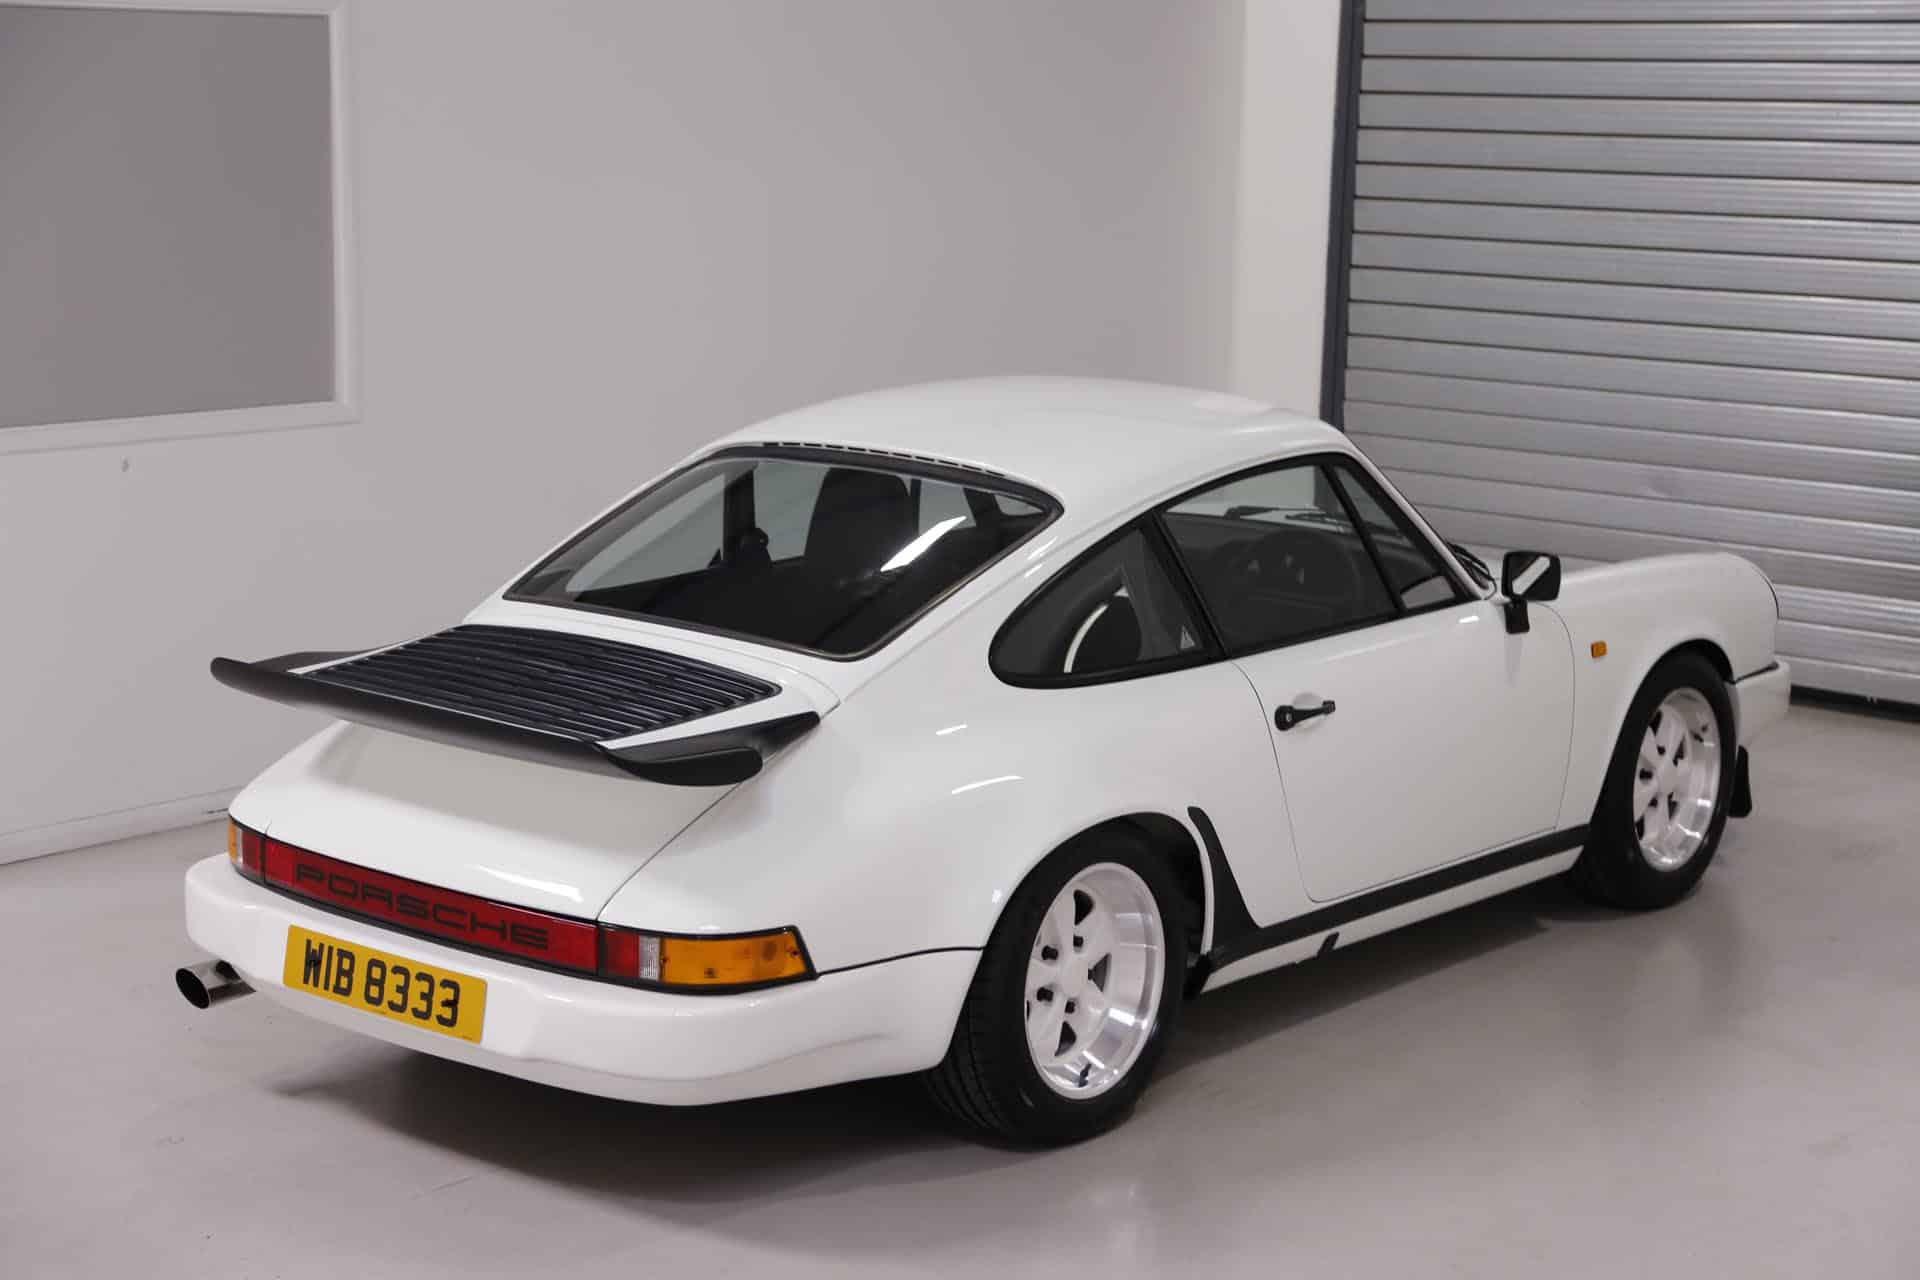 911-Carrera-3.2-Clubsport-Prototype-7